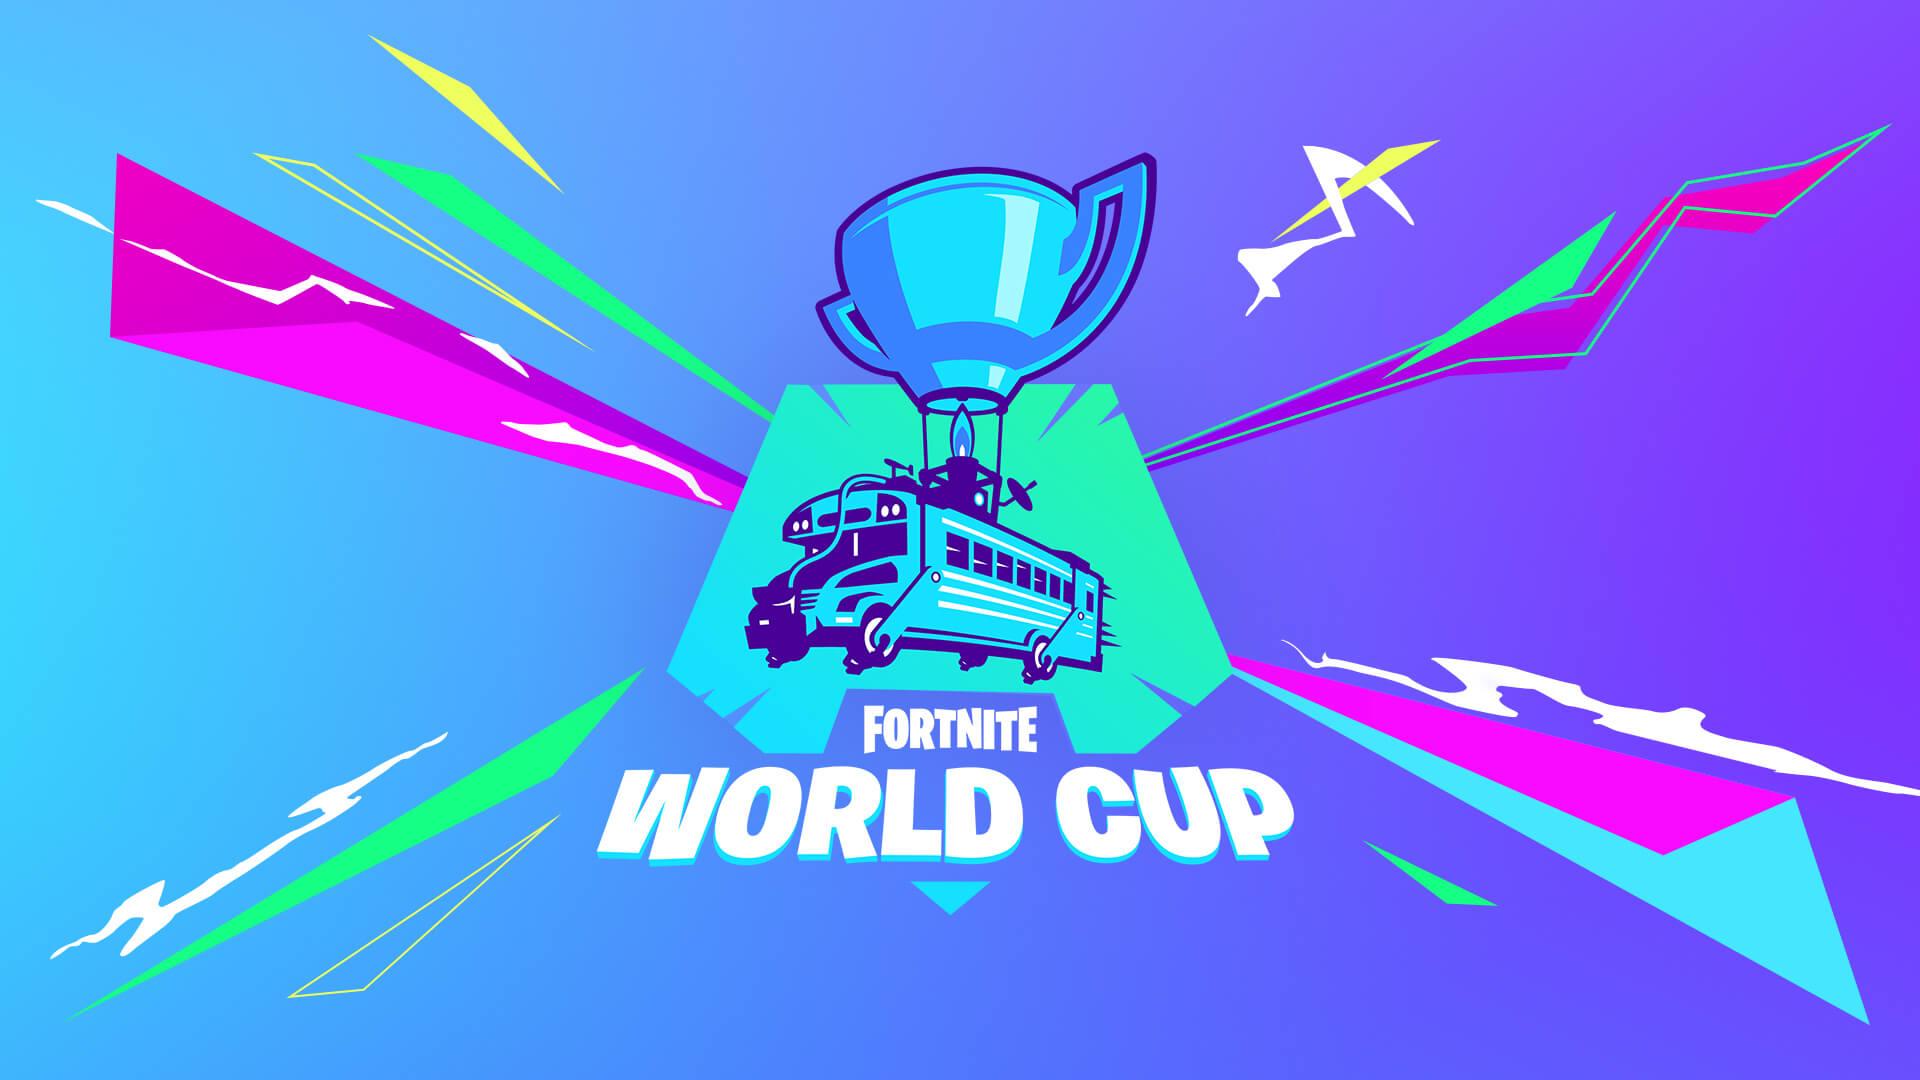 Foto de 40 milhões em jogo! Copa do mundo de Fortnite começa em Abril